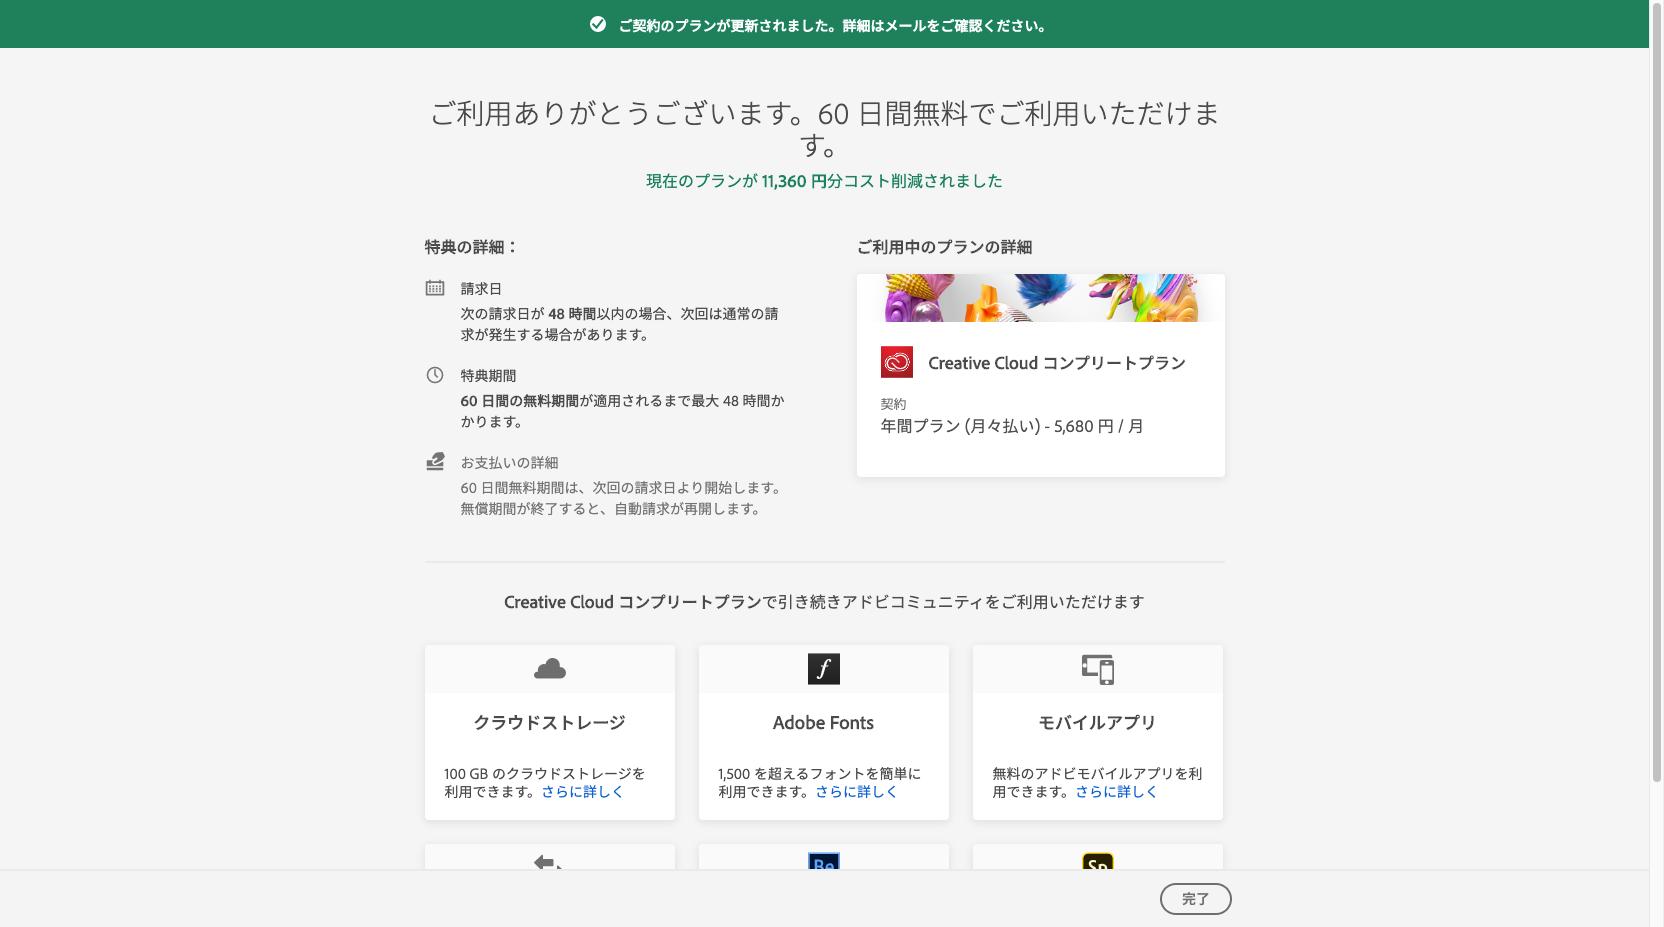 Adobe Creative Cloud 2ヶ月間継続無料利用5